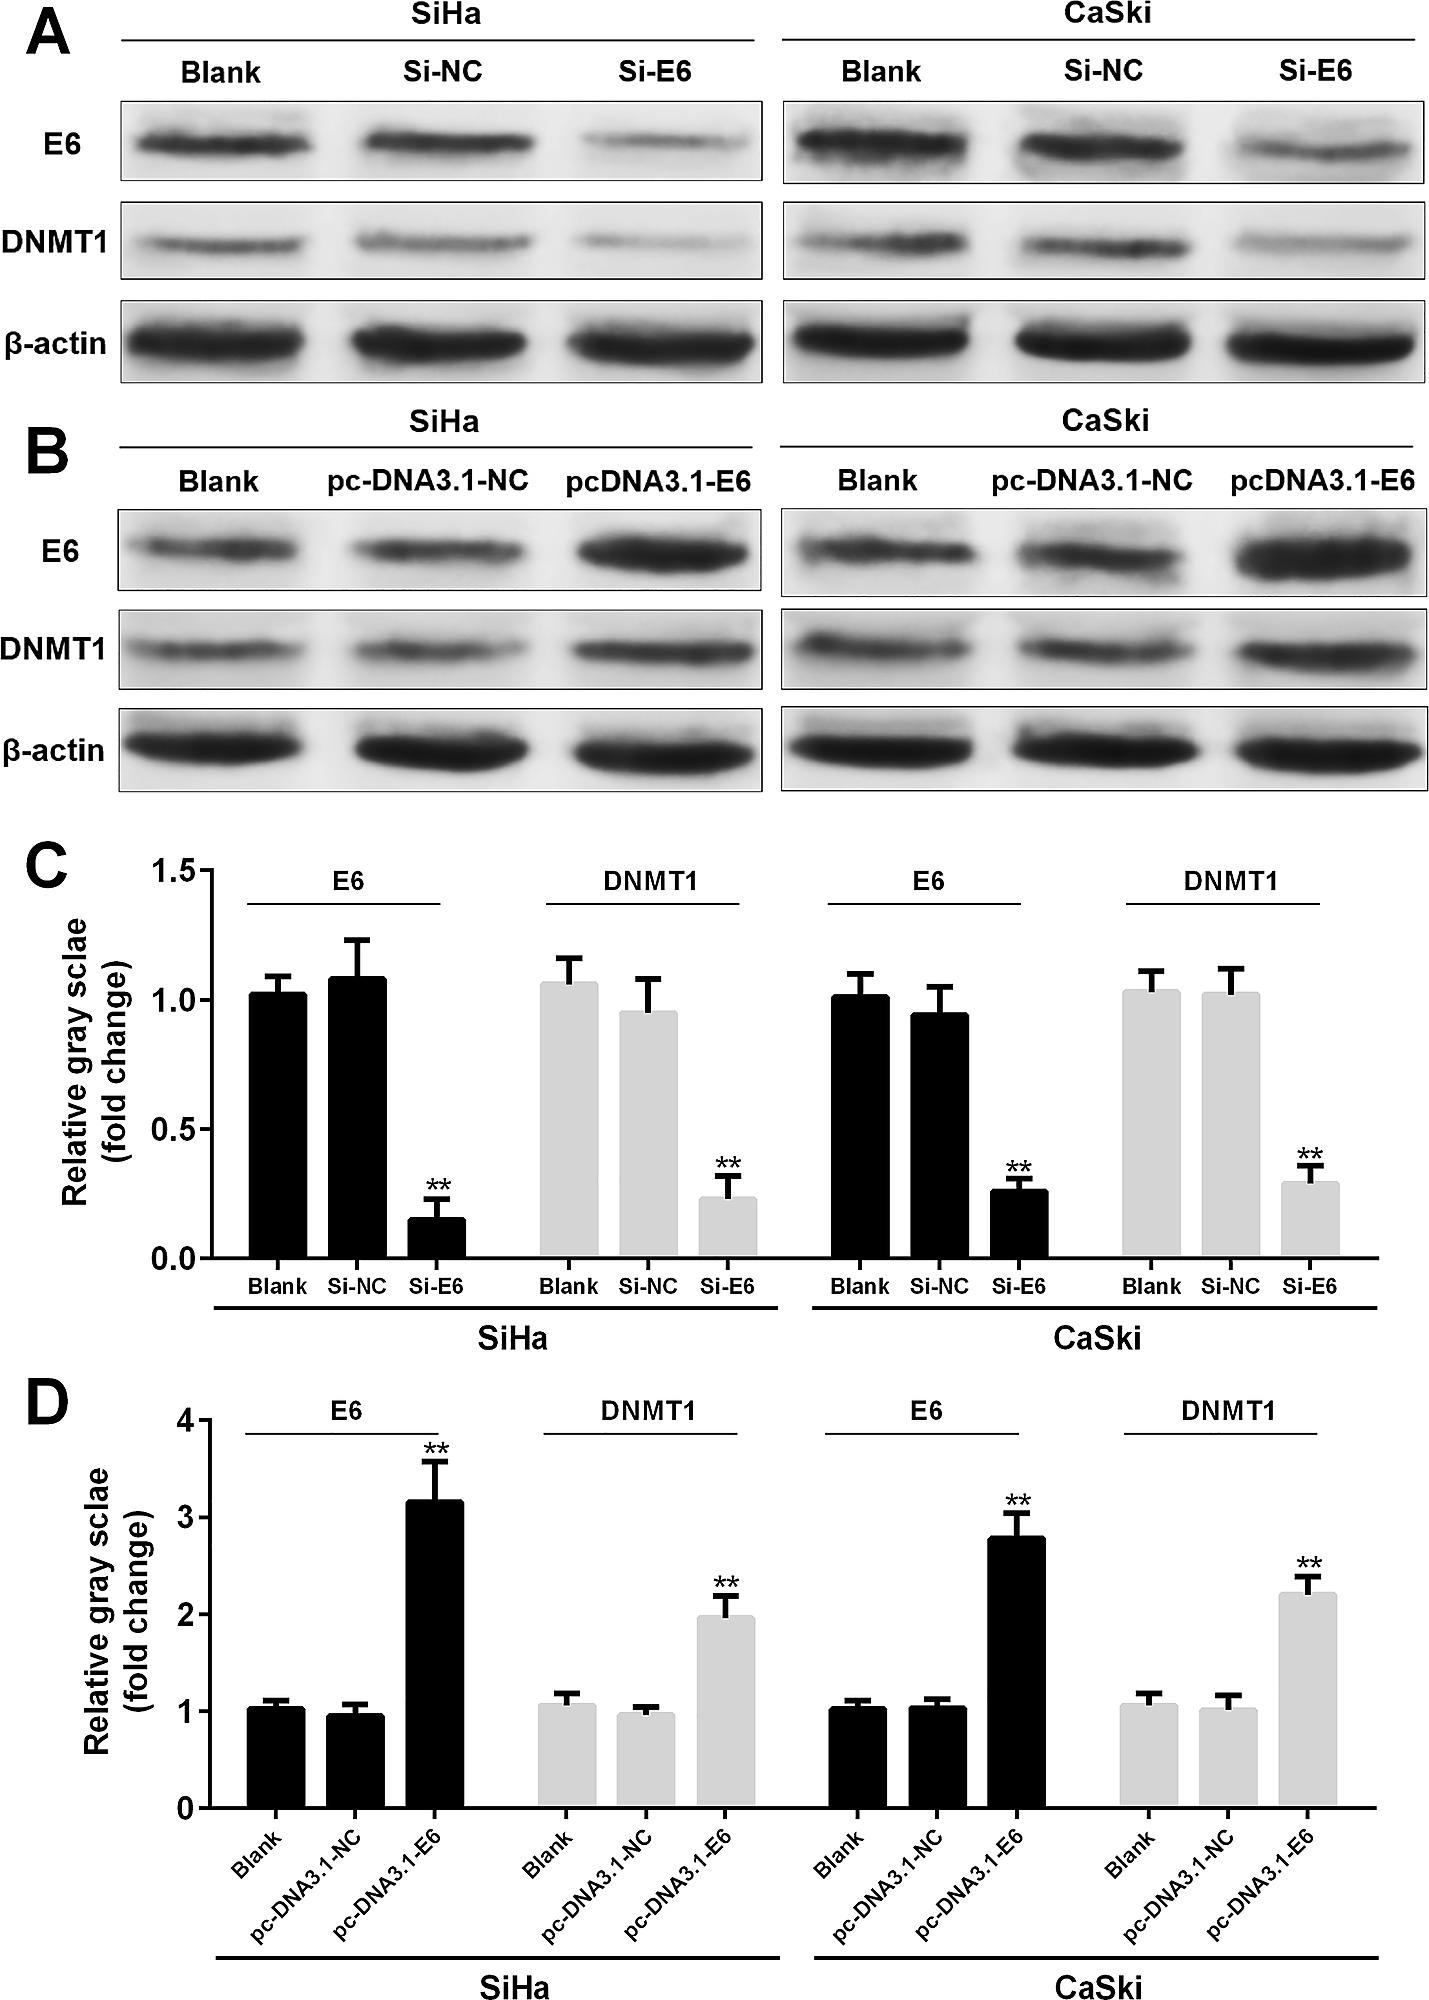 thea 2 toxin papilomatosis bovina virus